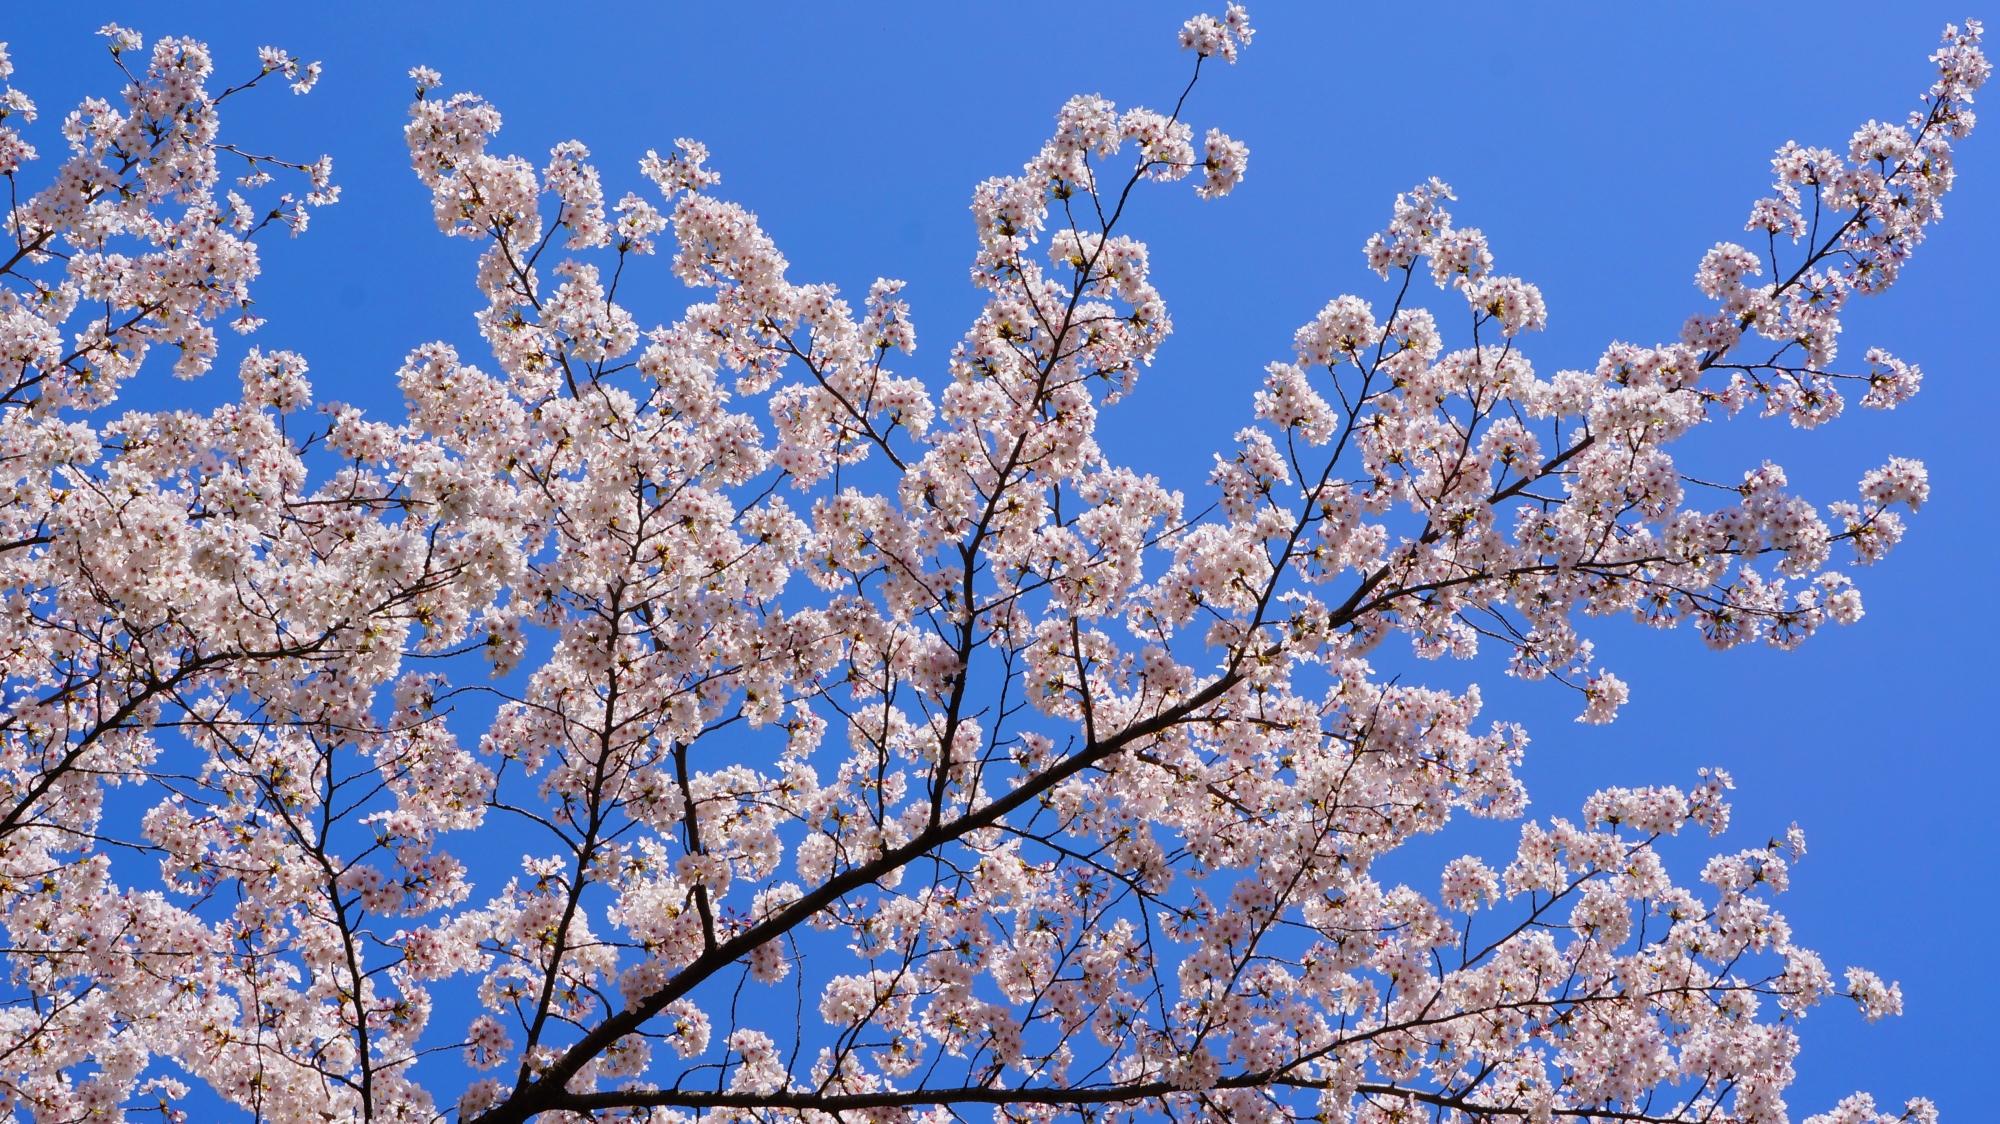 爽快な青空に映える華やかな白い桜